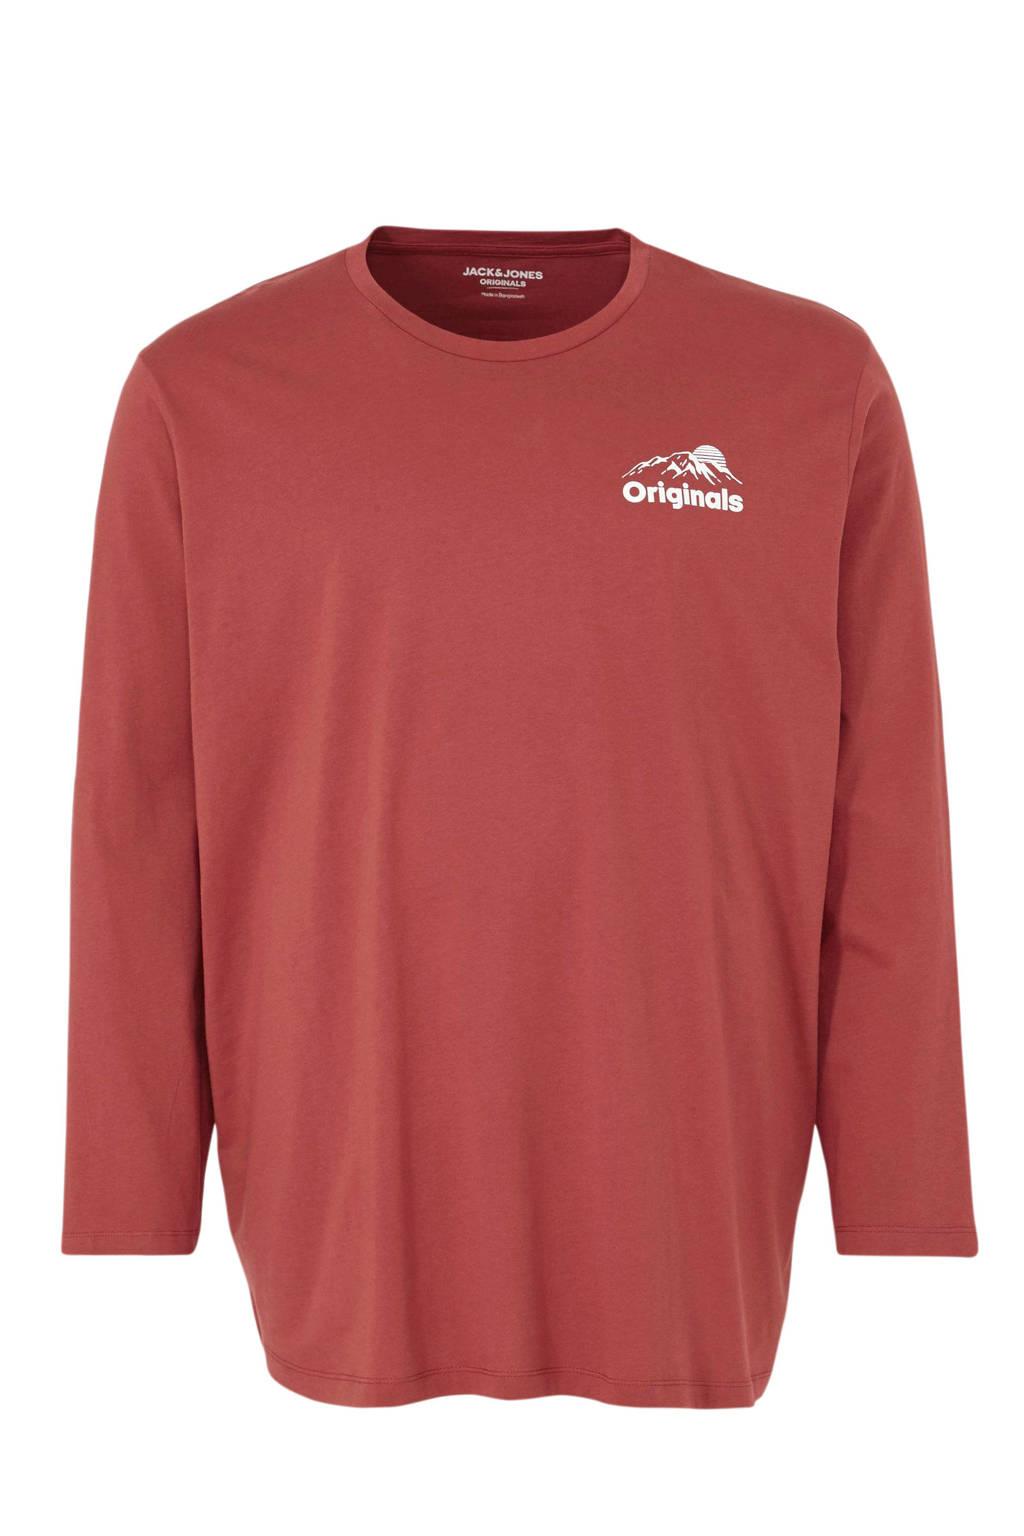 JACK & JONES PLUS SIZE T-shirt met tekst rood, Rood